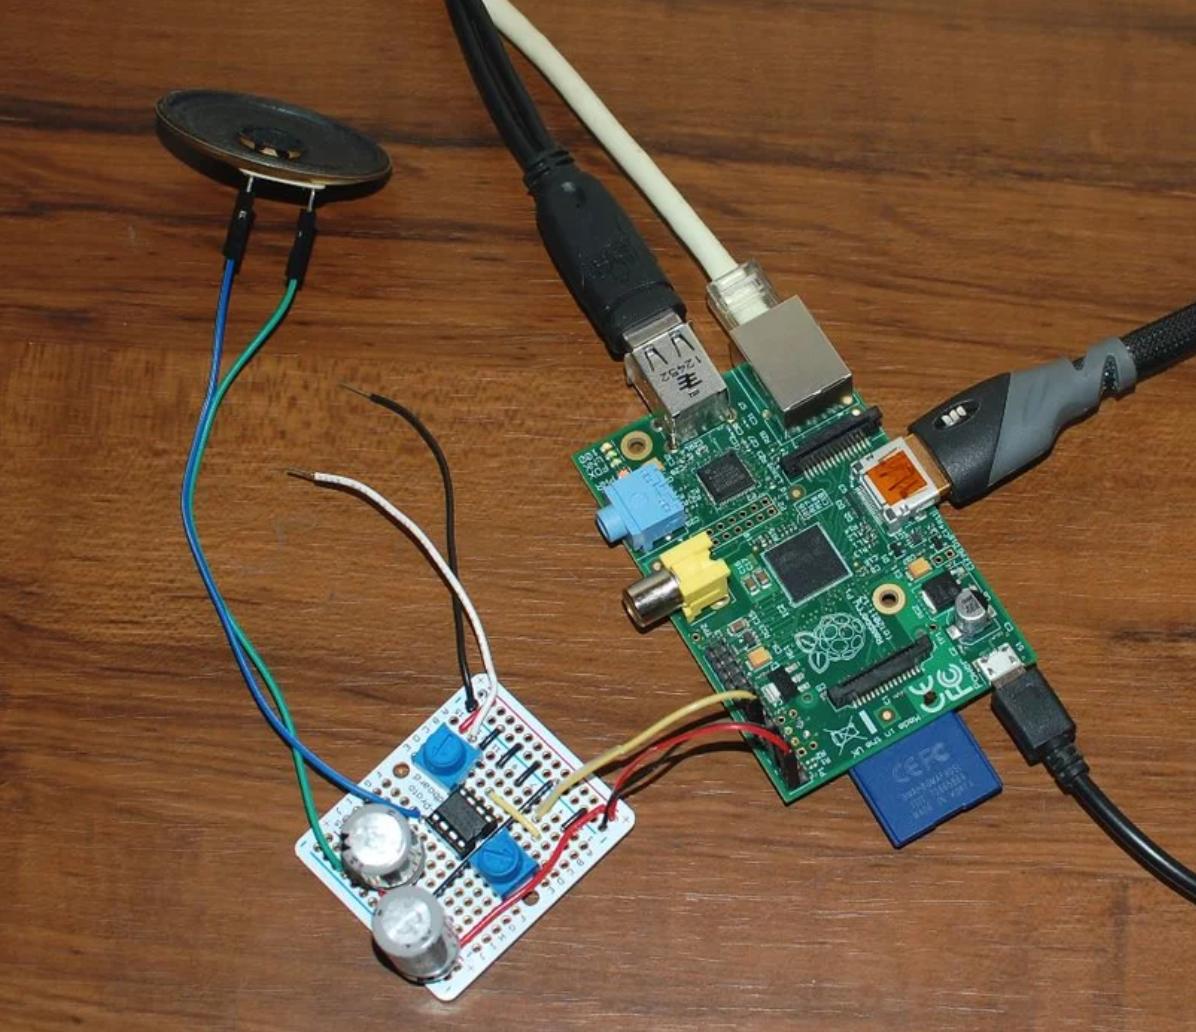 Bitalino ECG Sensor, Flora, NeoPixels | #WearableWednesday